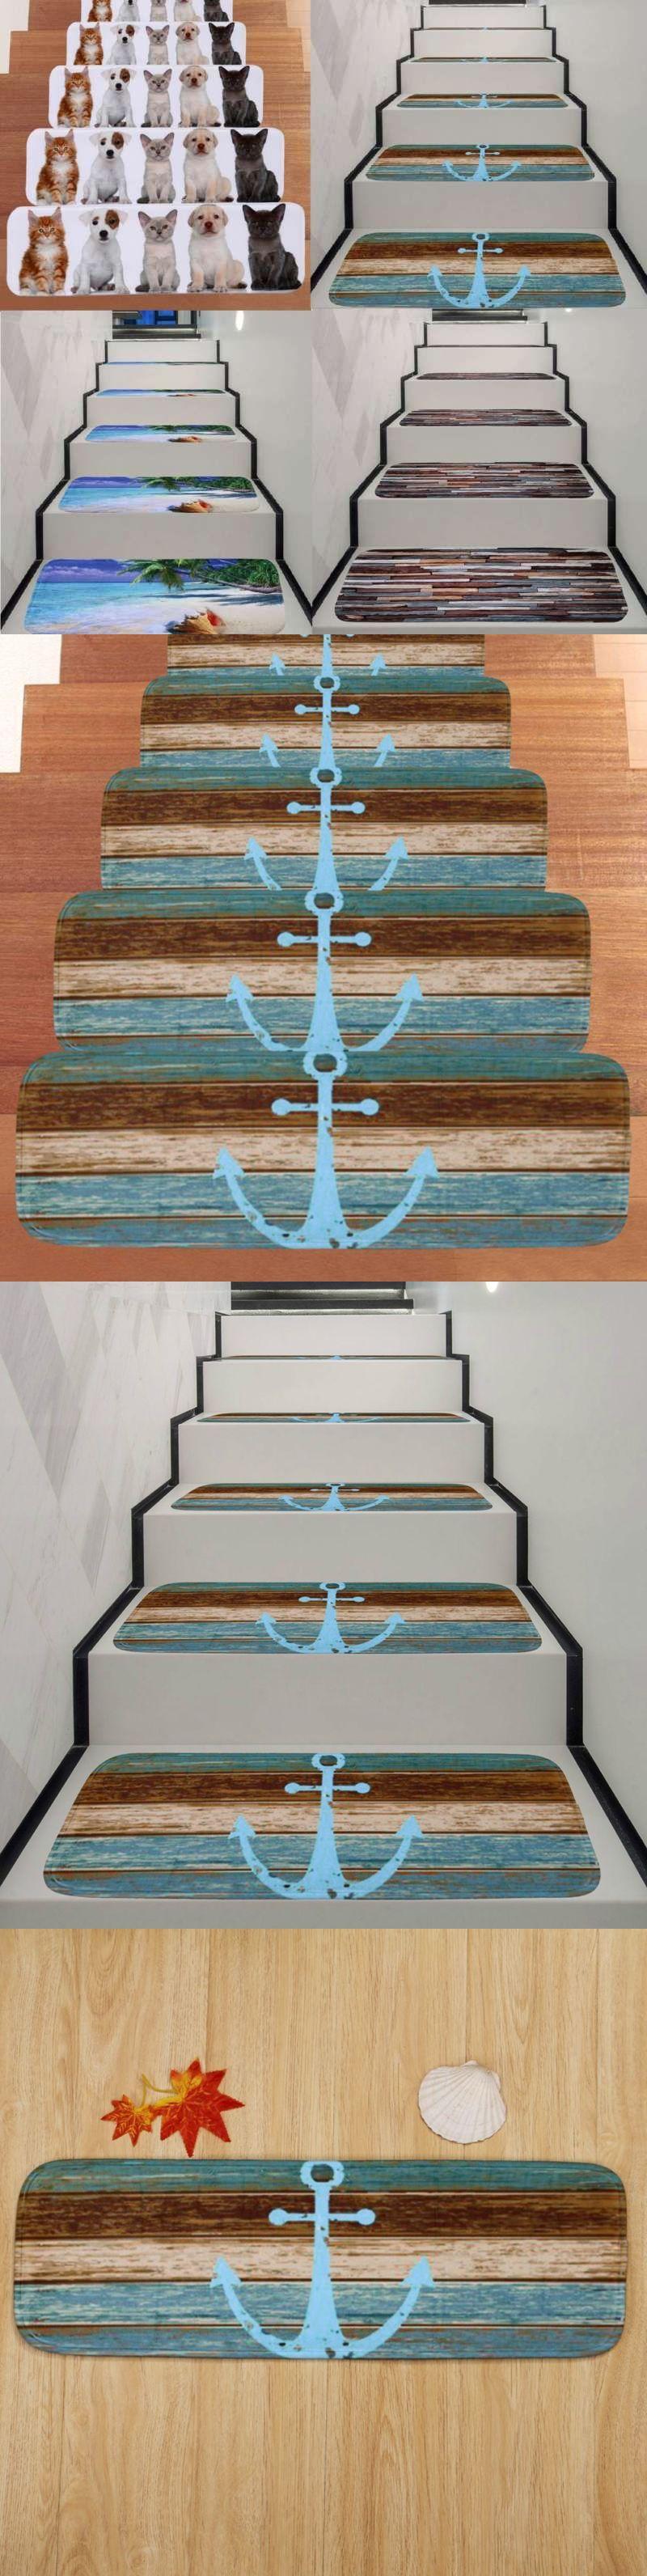 Best Stair Treads 175517 5Pcs Set Carpet Stair Tread Mats Step 640 x 480